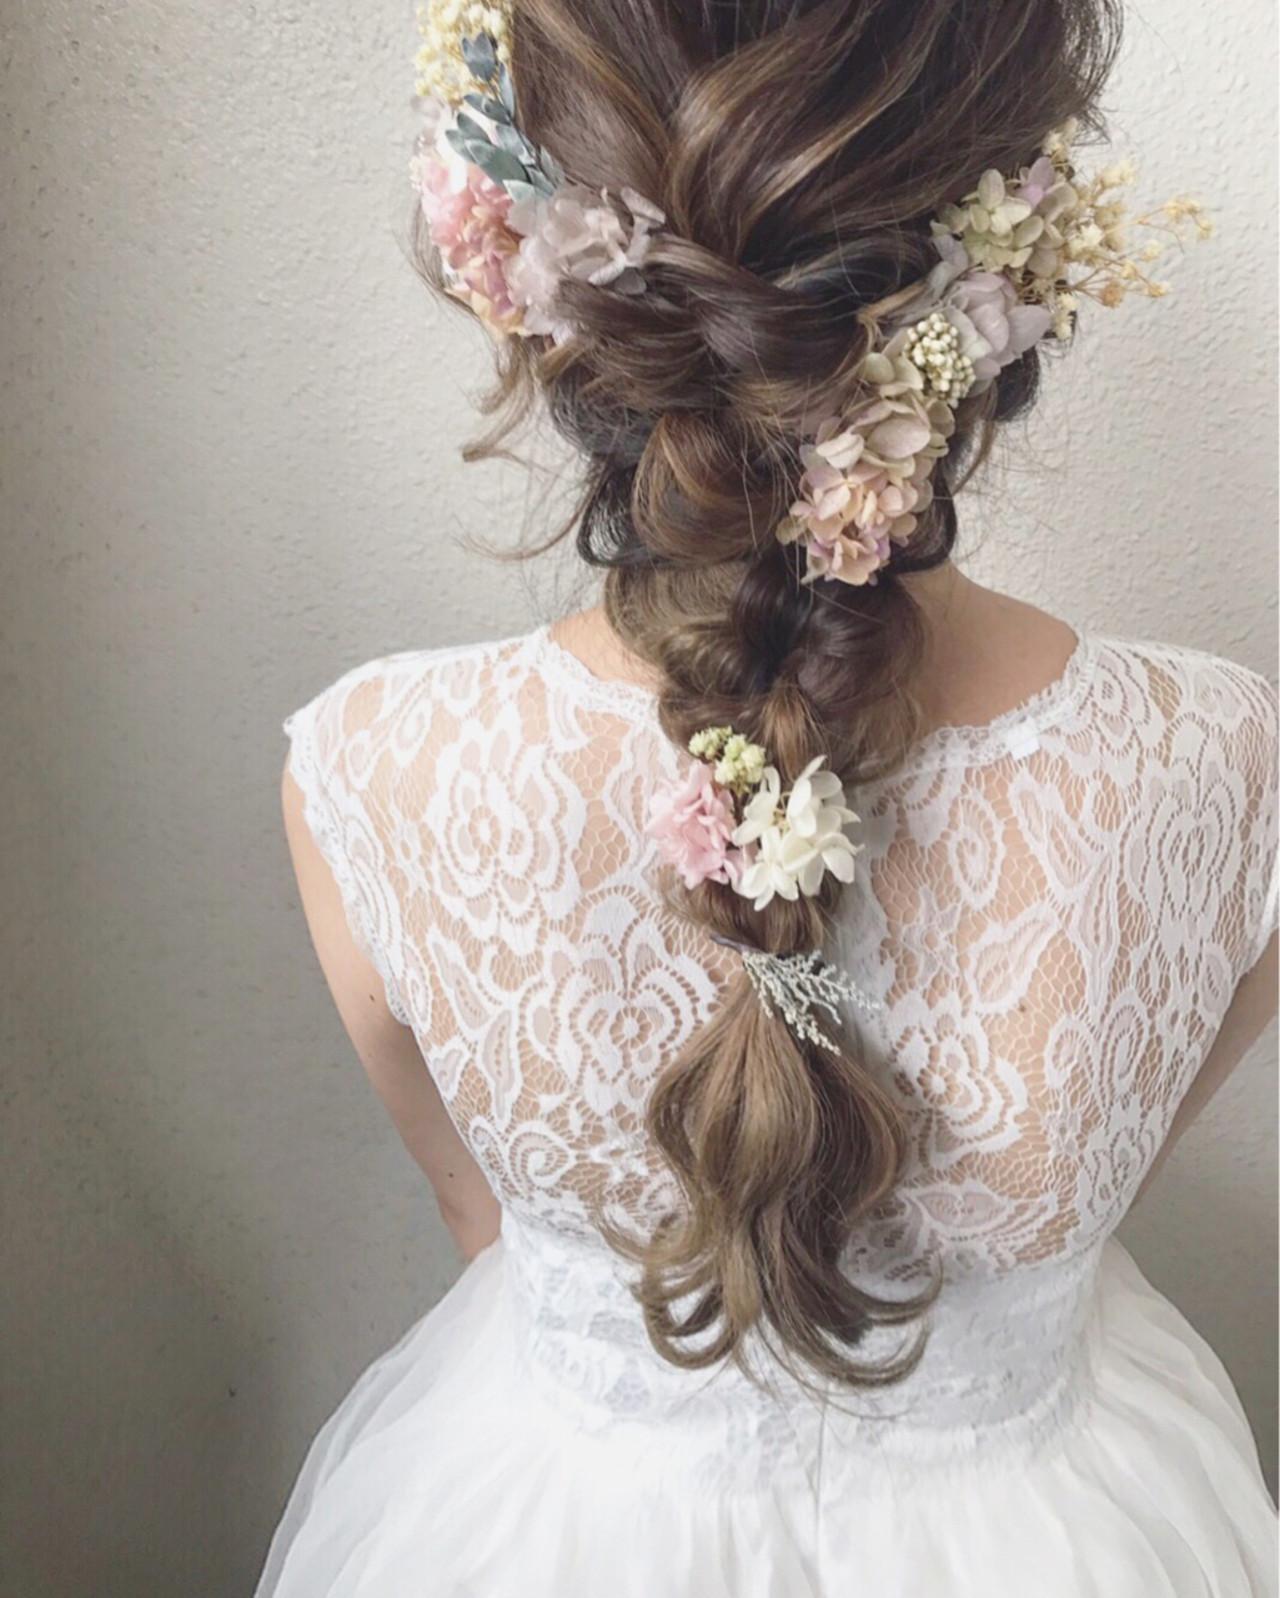 ロングヘアはフィッシュボーンに花を散らしたヘアが人気 カワノ ヨウヘイ